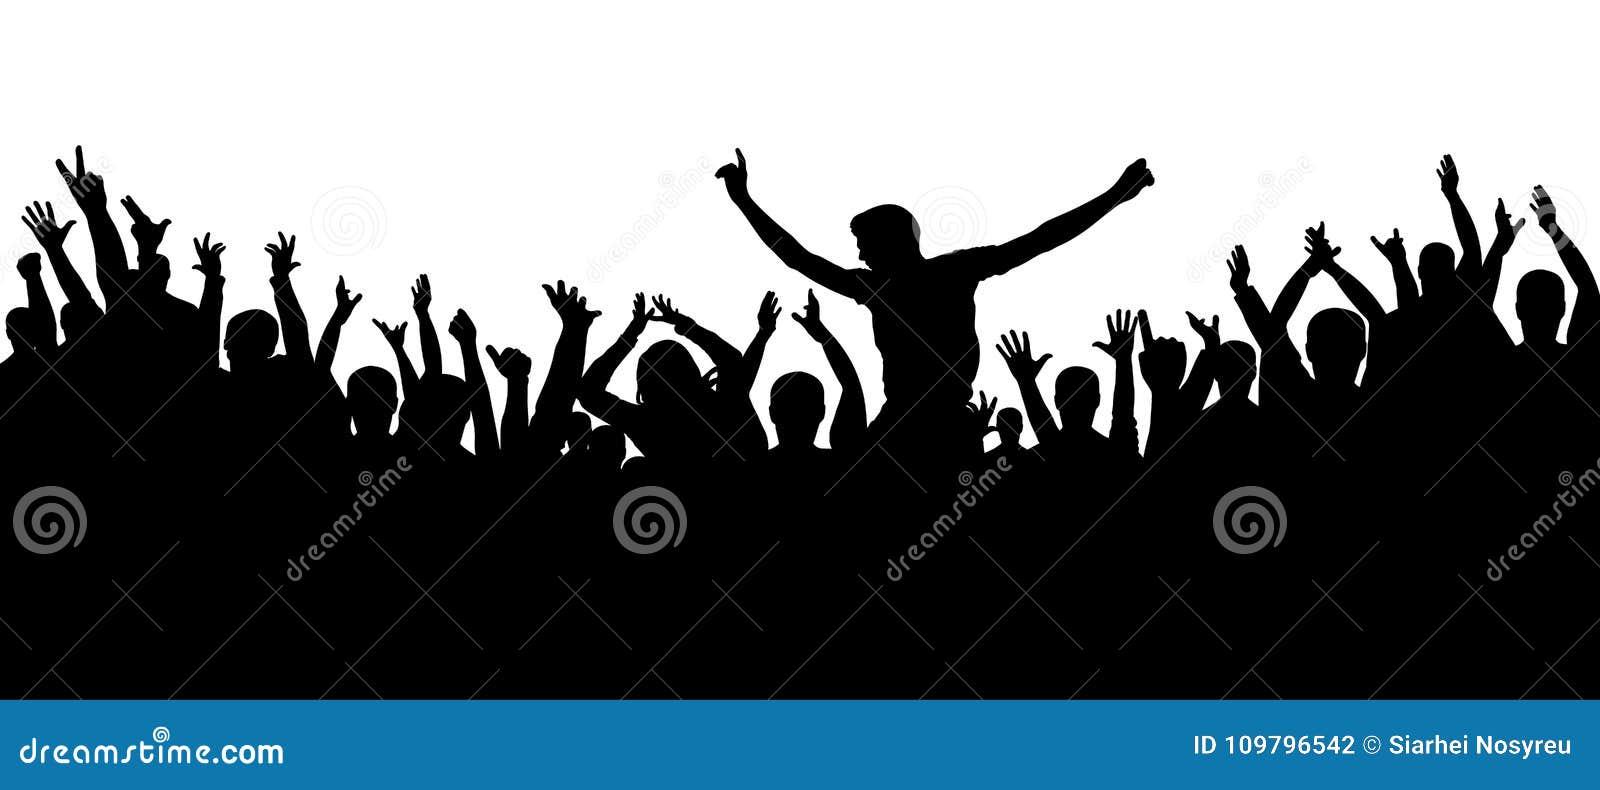 Οι άνθρωποι κόμματος, επιδοκιμάζουν Εύθυμο υπόβαθρο σκιαγραφιών πλήθους Συναυλία χορού ανεμιστήρων, disco